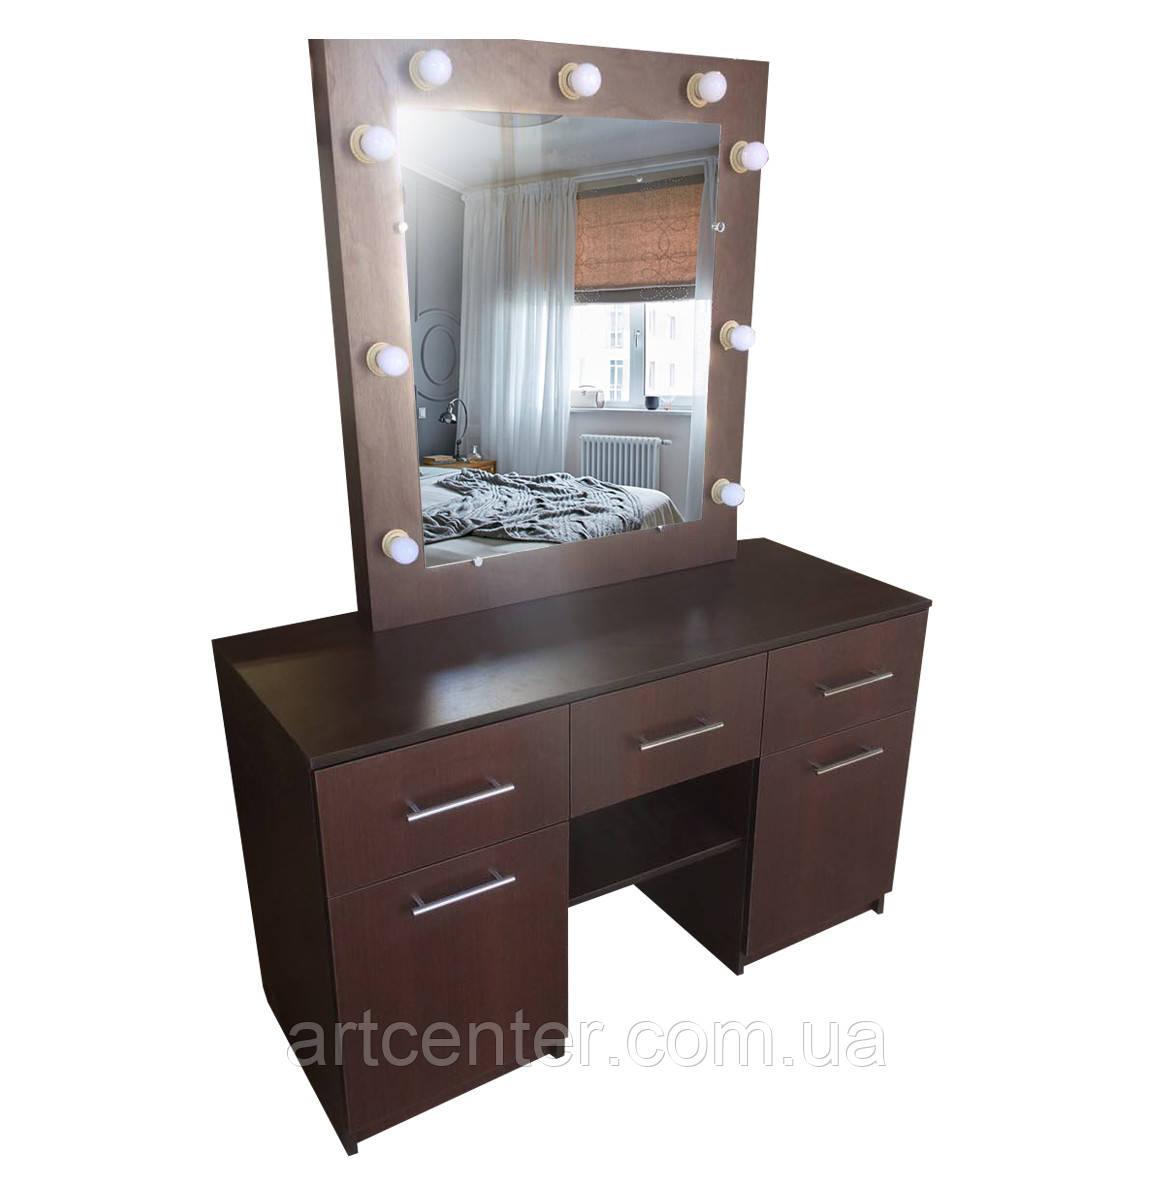 Зеркало для визажиста, стол гримёрный.